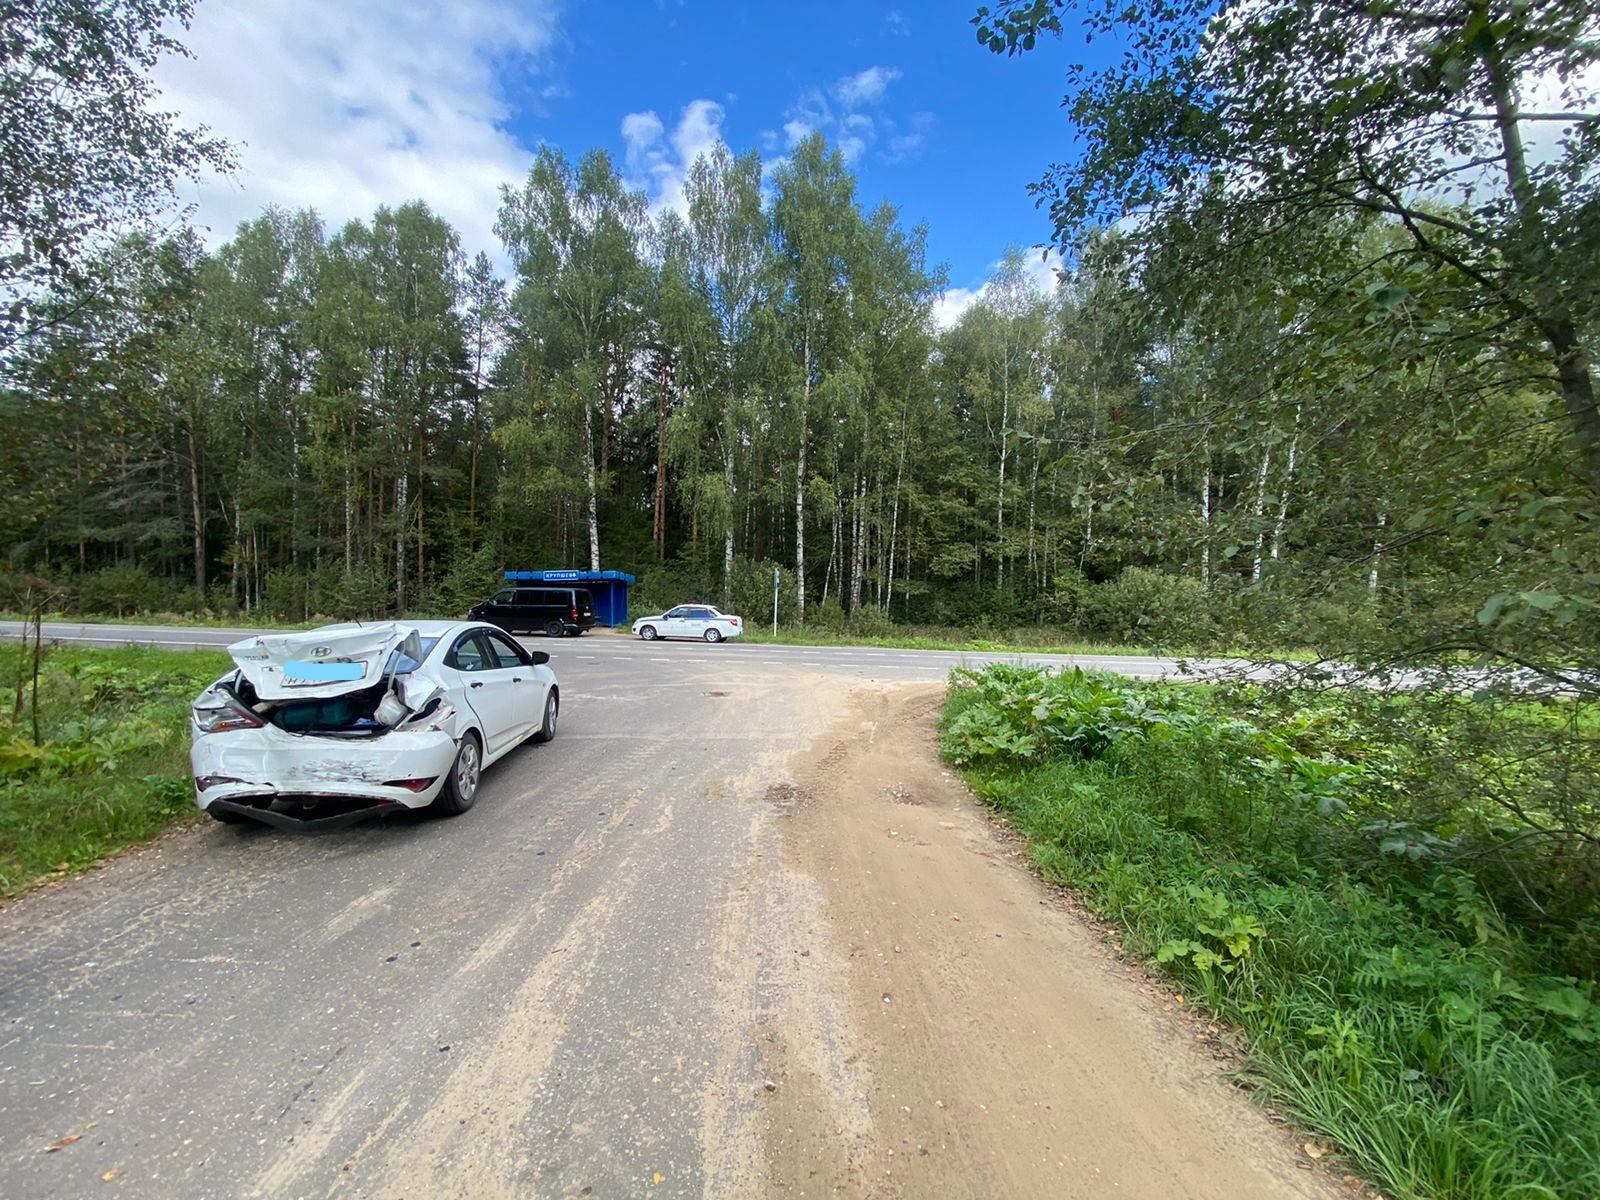 На дороге в Тверской области «Фольксваген» не успел обогнать «Хендай»